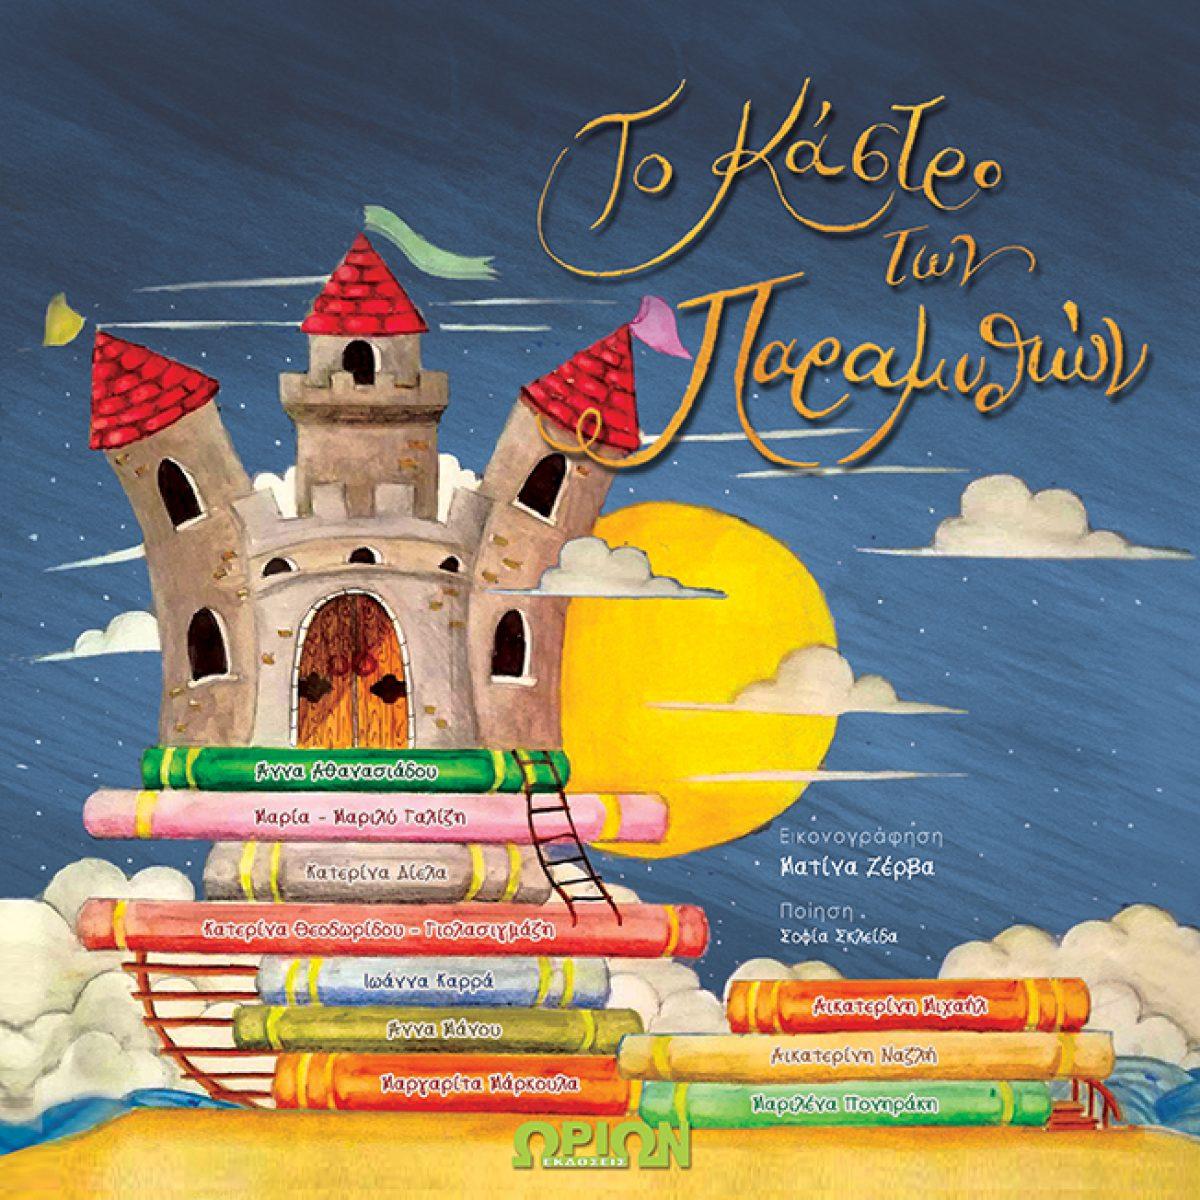 """Παρουσίαση βιβλίου """"Το κάστρο των παραμυθιών"""" Εκδόσεις ΩΡΙΩΝ    Κυριακή 31 Μαρτίου, ώρα 12.00μμ στο POLIS ART CAFE"""